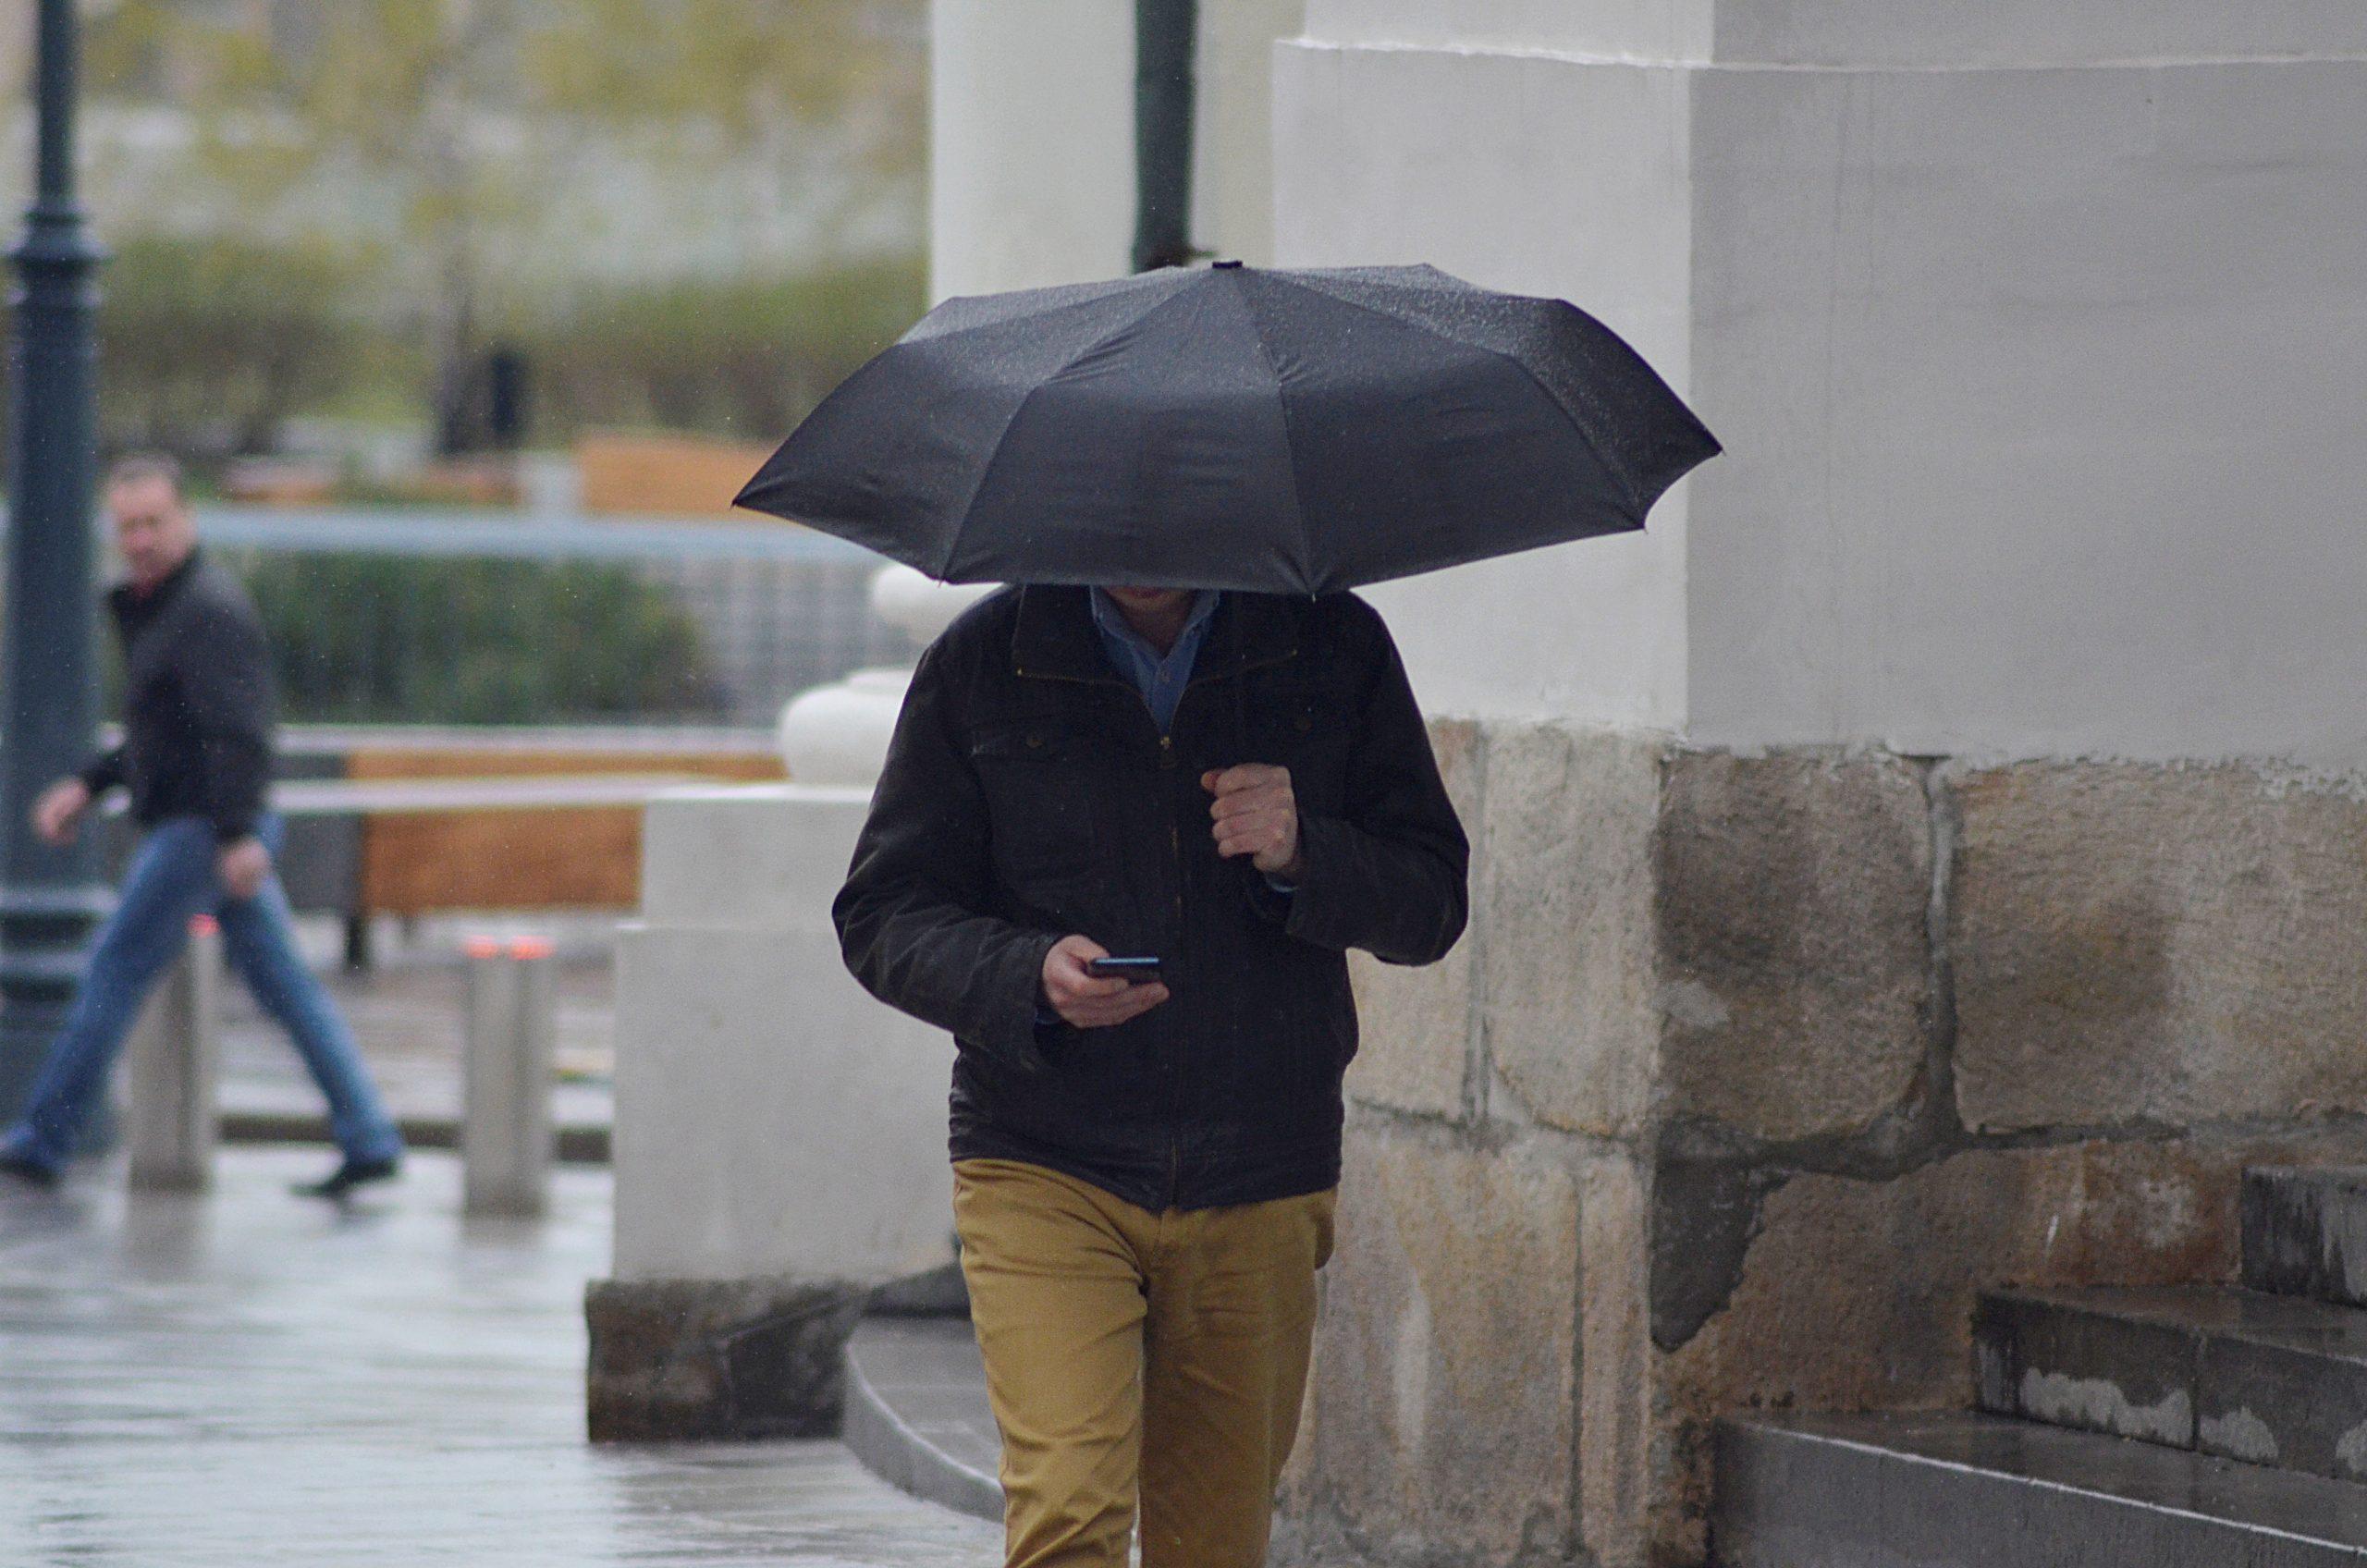 Жителей Москвы и Московской области ожидает облачная погода с дождем